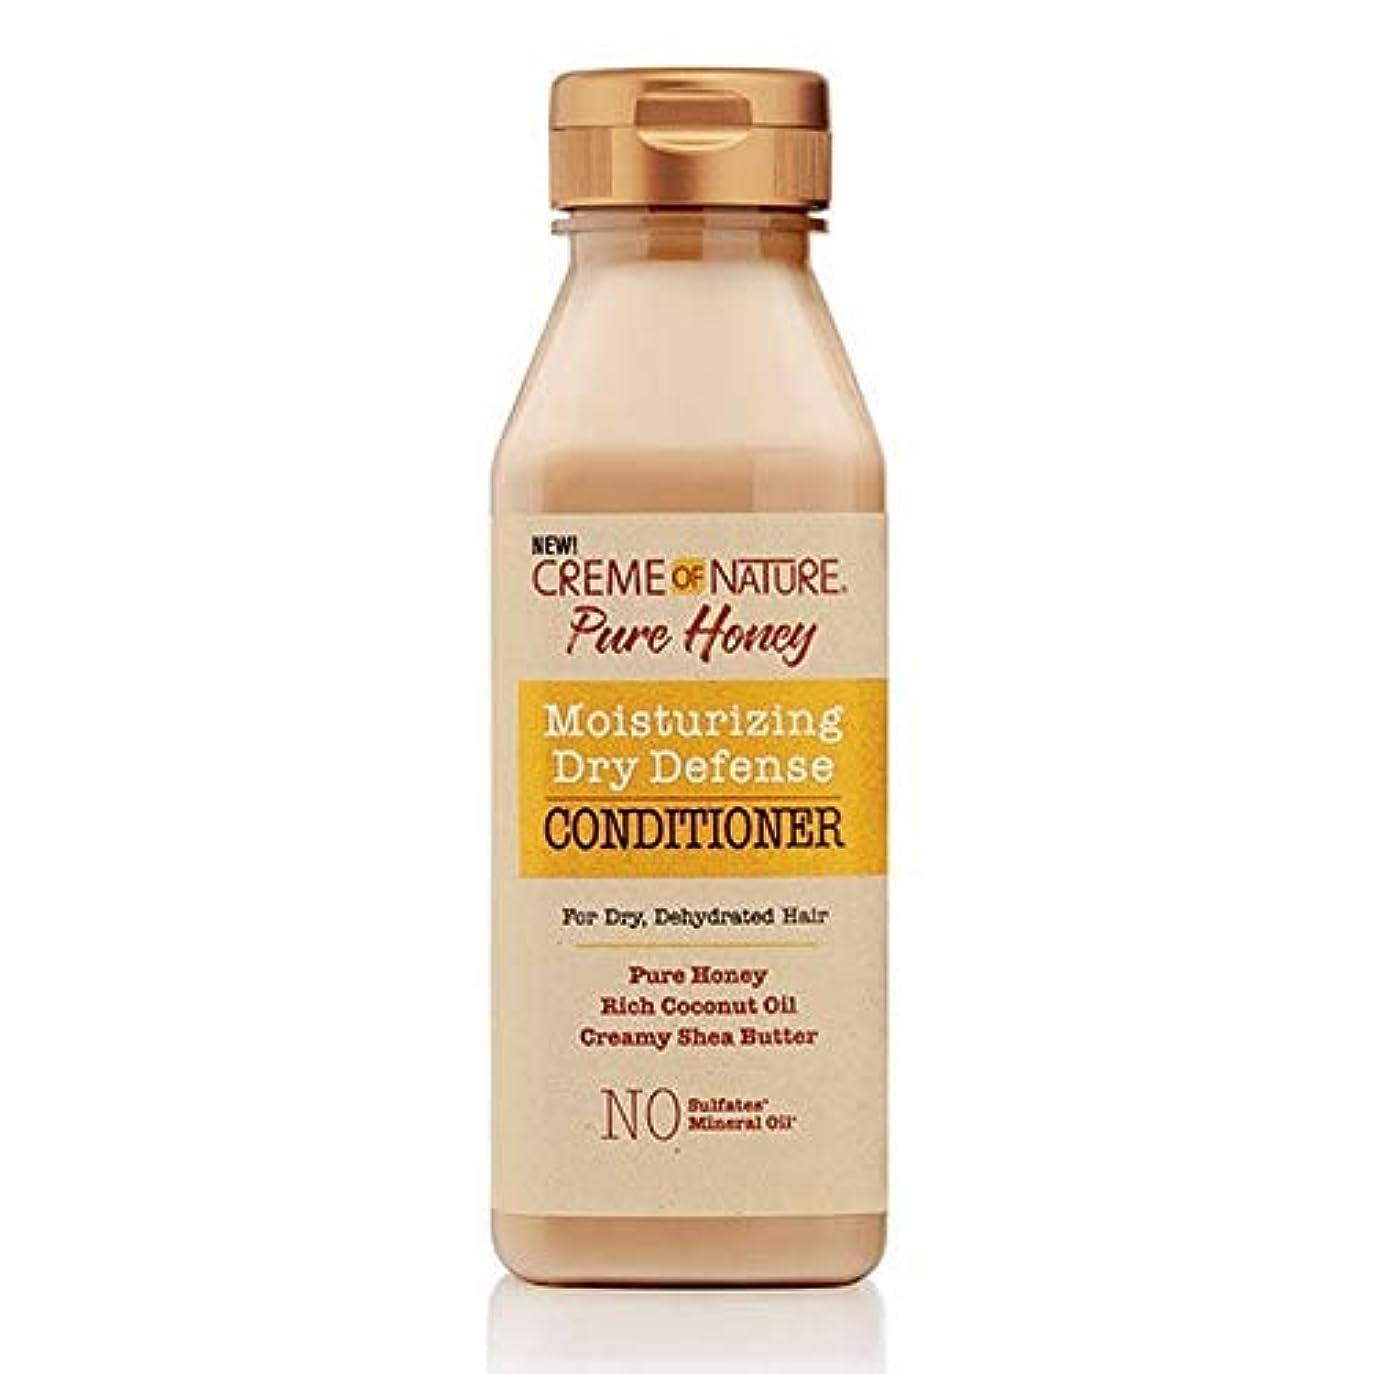 米ドル市民同等の[Creme of Nature ] 自然の純粋蜂蜜ドライ防衛コンディショナー355ミリリットルのクリーム - Creme of Nature Pure Honey Dry Defence Conditioner 355ml...